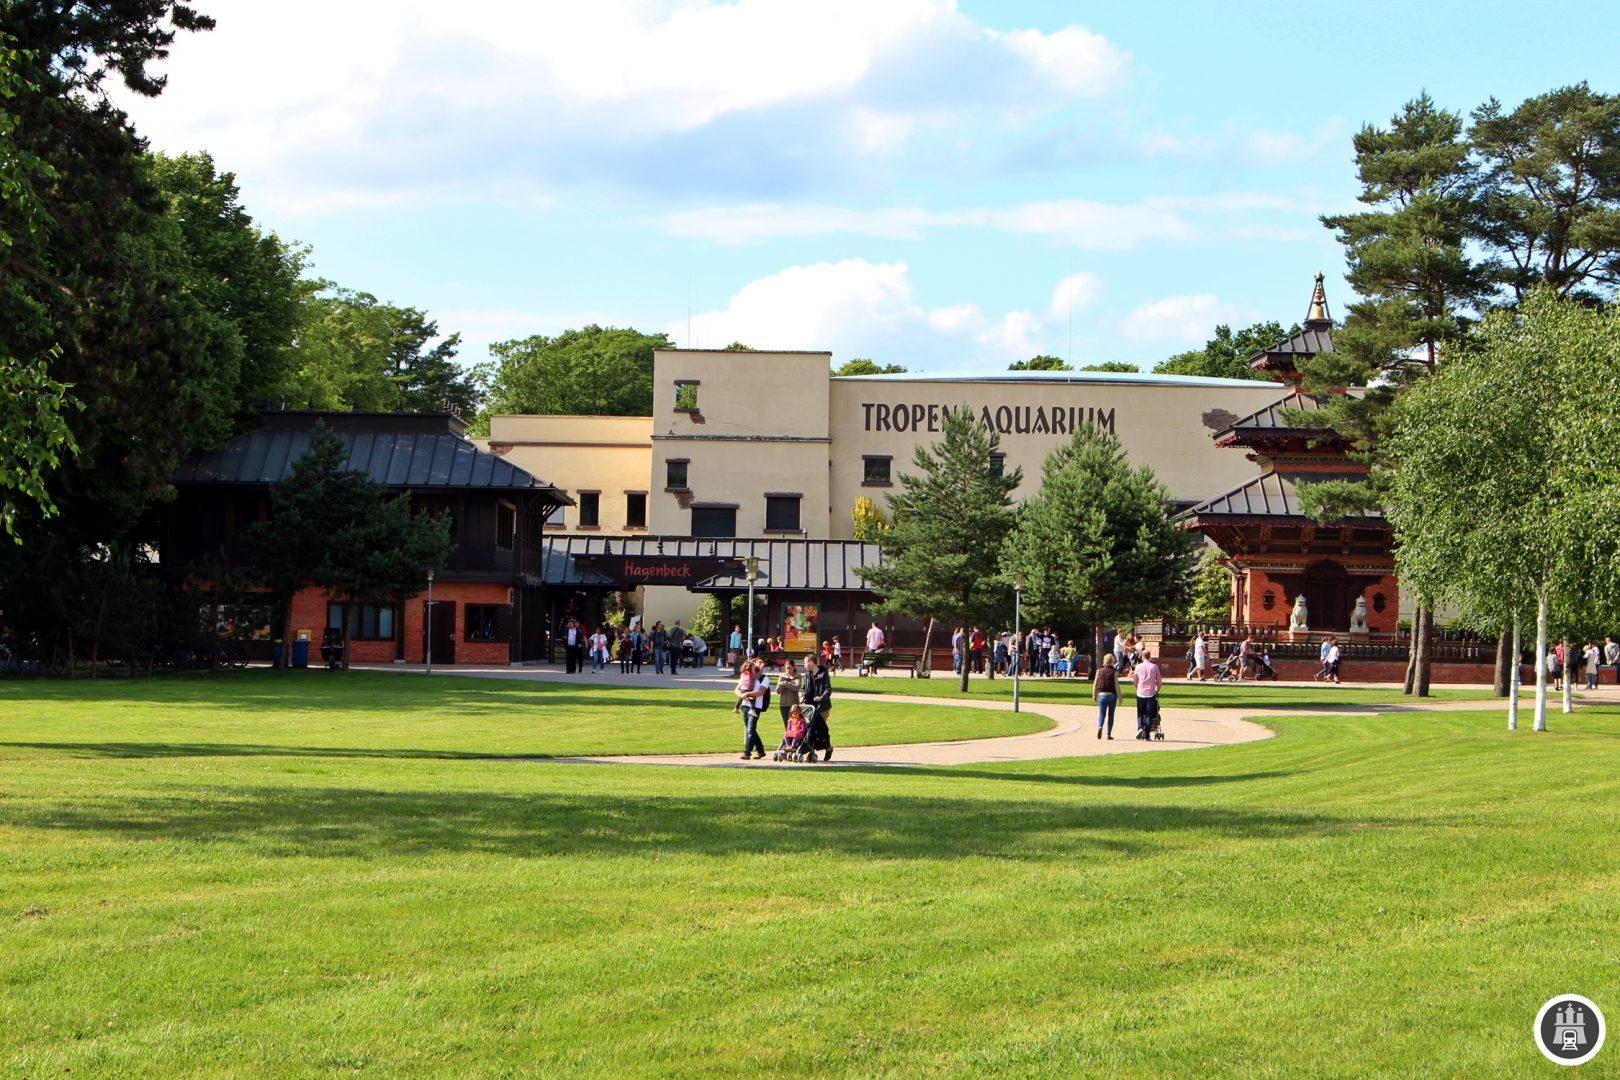 Hagenbeck's Tierpark wurde 1907 eröffnet und geht auf Carl Hagenbeck zurück. Der Tierpark wird immernoch von der Familie Hagenbeck geleitet und ist der einzige private Großzoo Deutschlands.